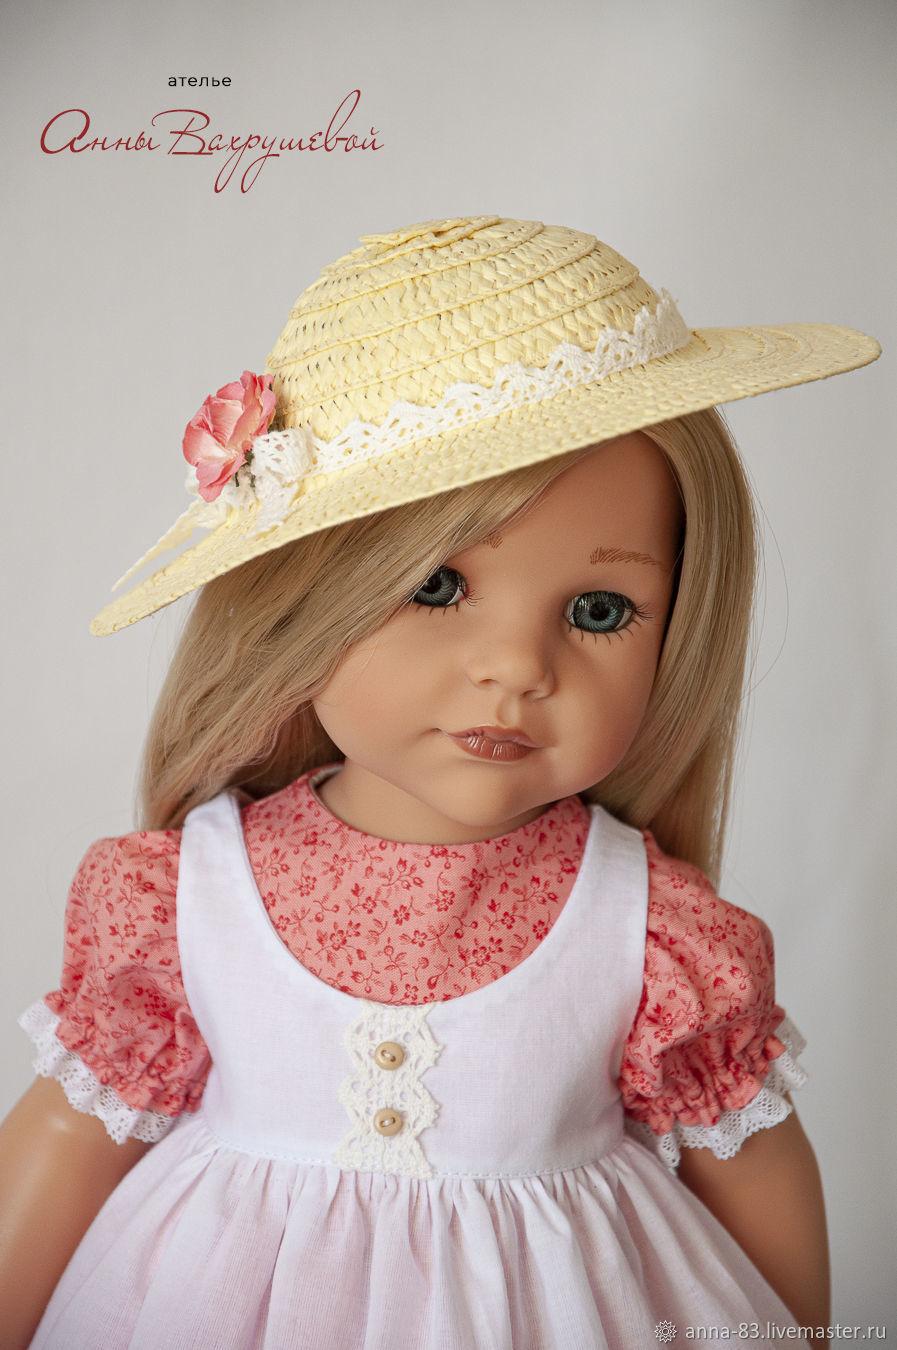 Комплект для Gotz по мотивам сказок Беатрис Поттер, Одежда для кукол, Оренбург,  Фото №1